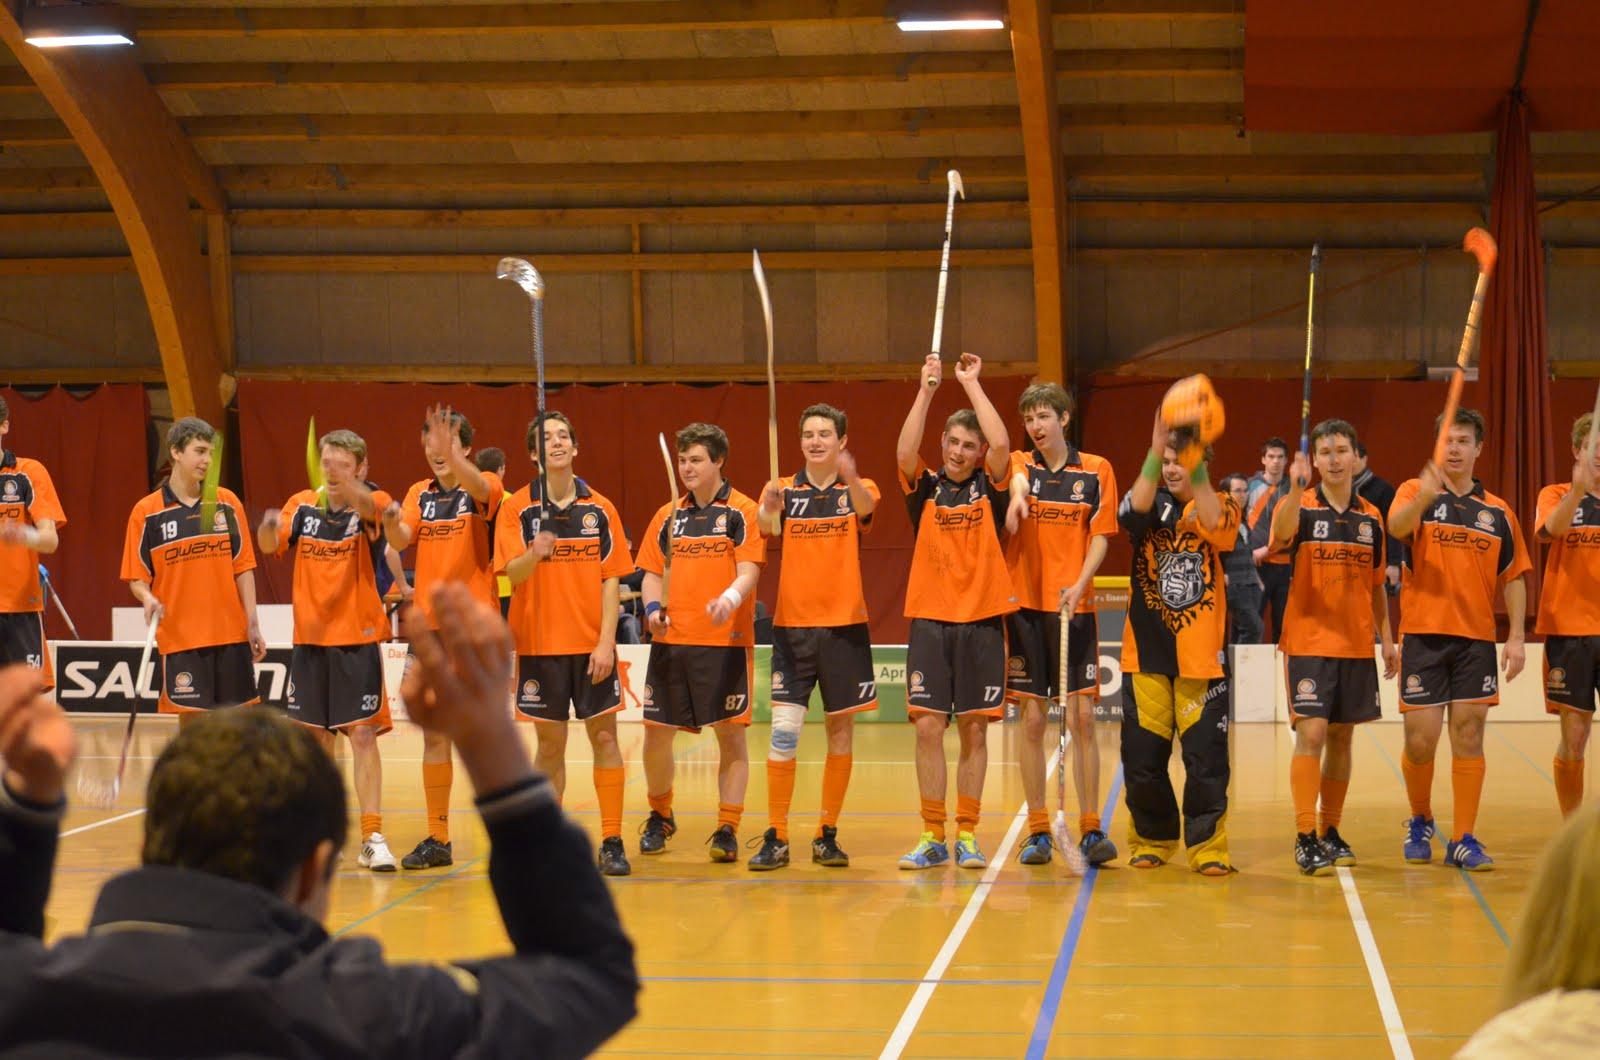 U21 vs Meilen